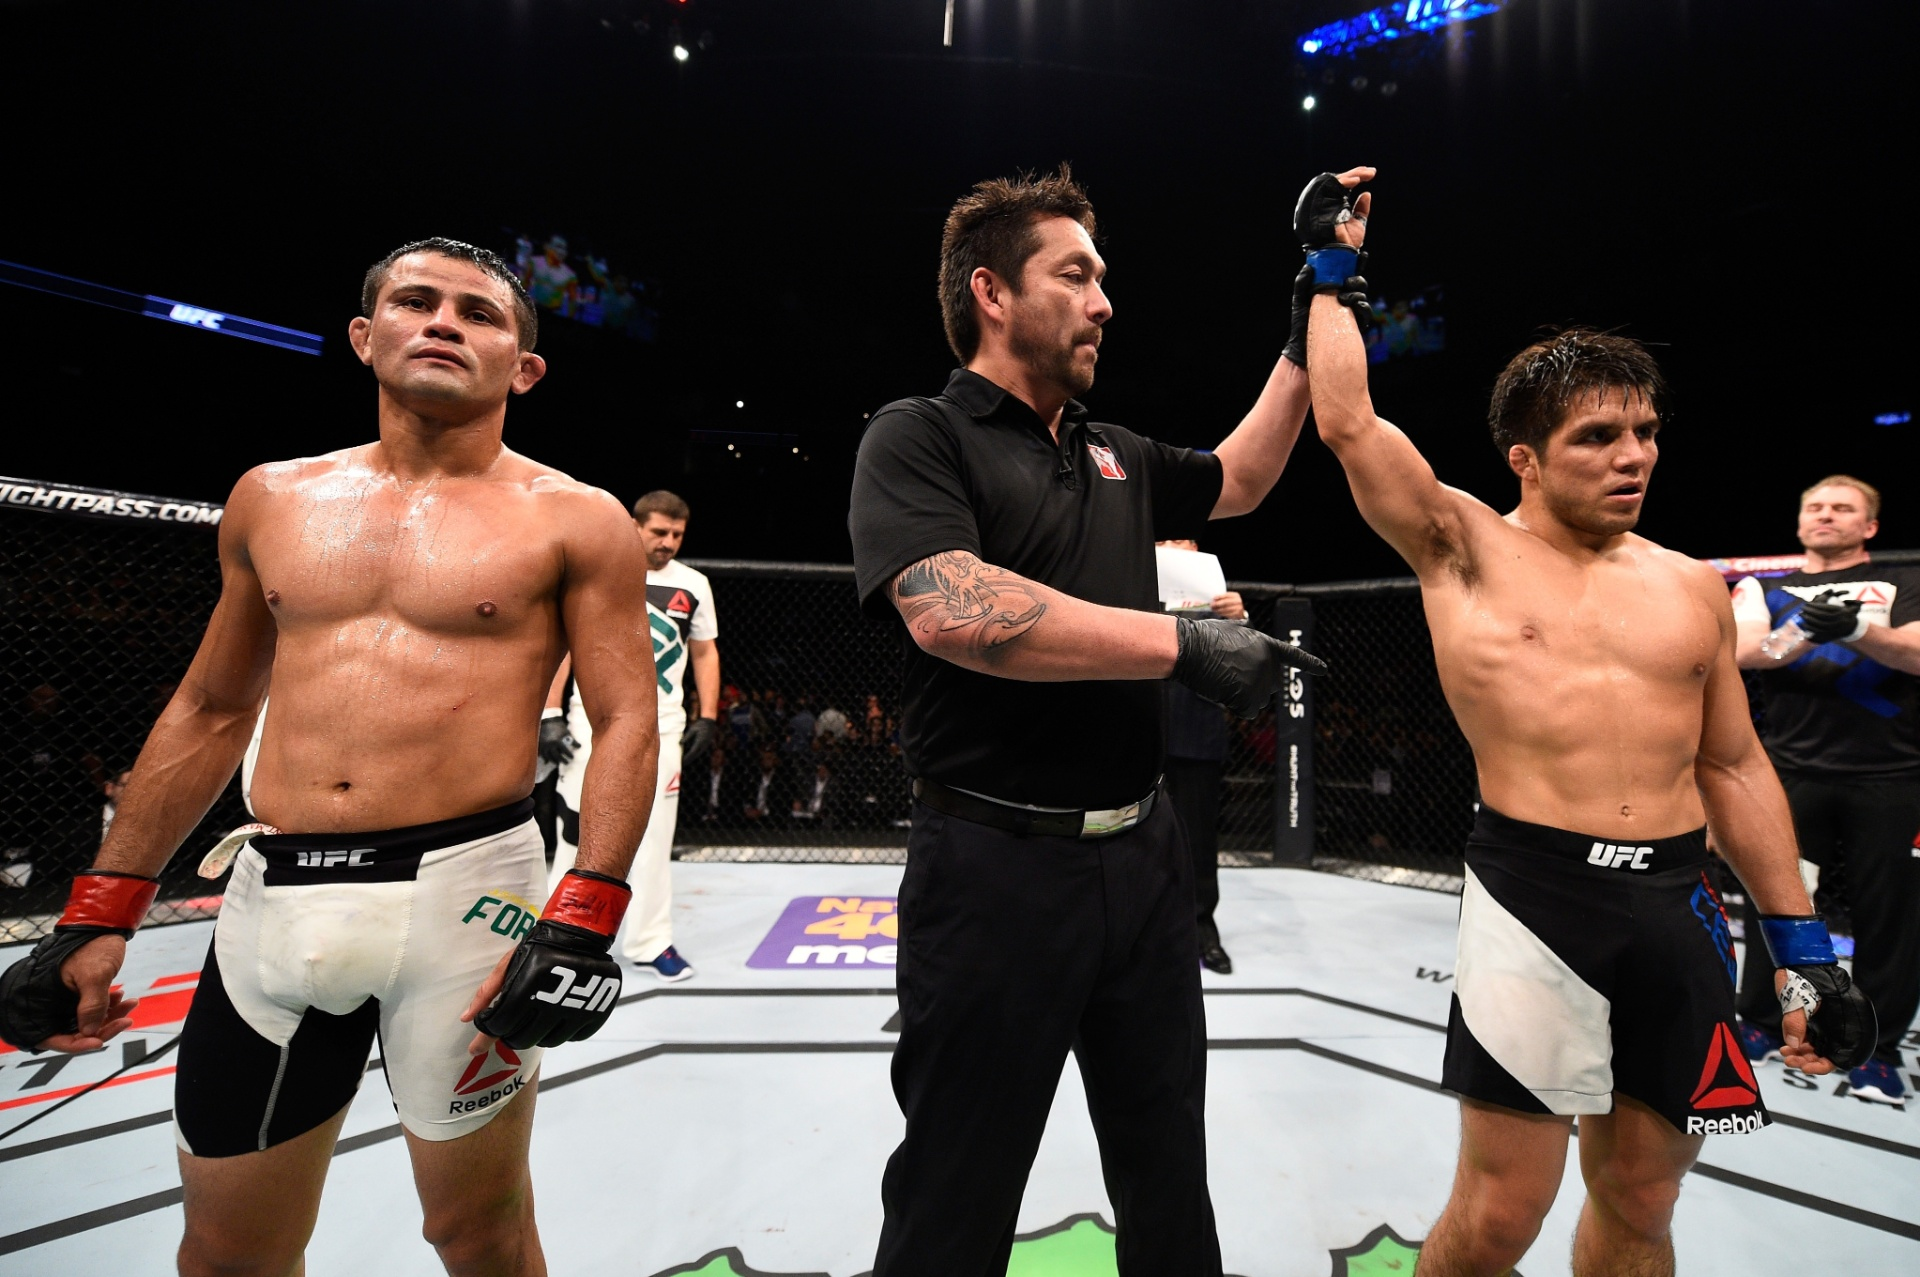 Árbitro Mario Yamasaki anuncia a vitória de Henry Cejudo em luta contra Jussier Formiga no UFC Fight Night disputado em Monterrey, no México